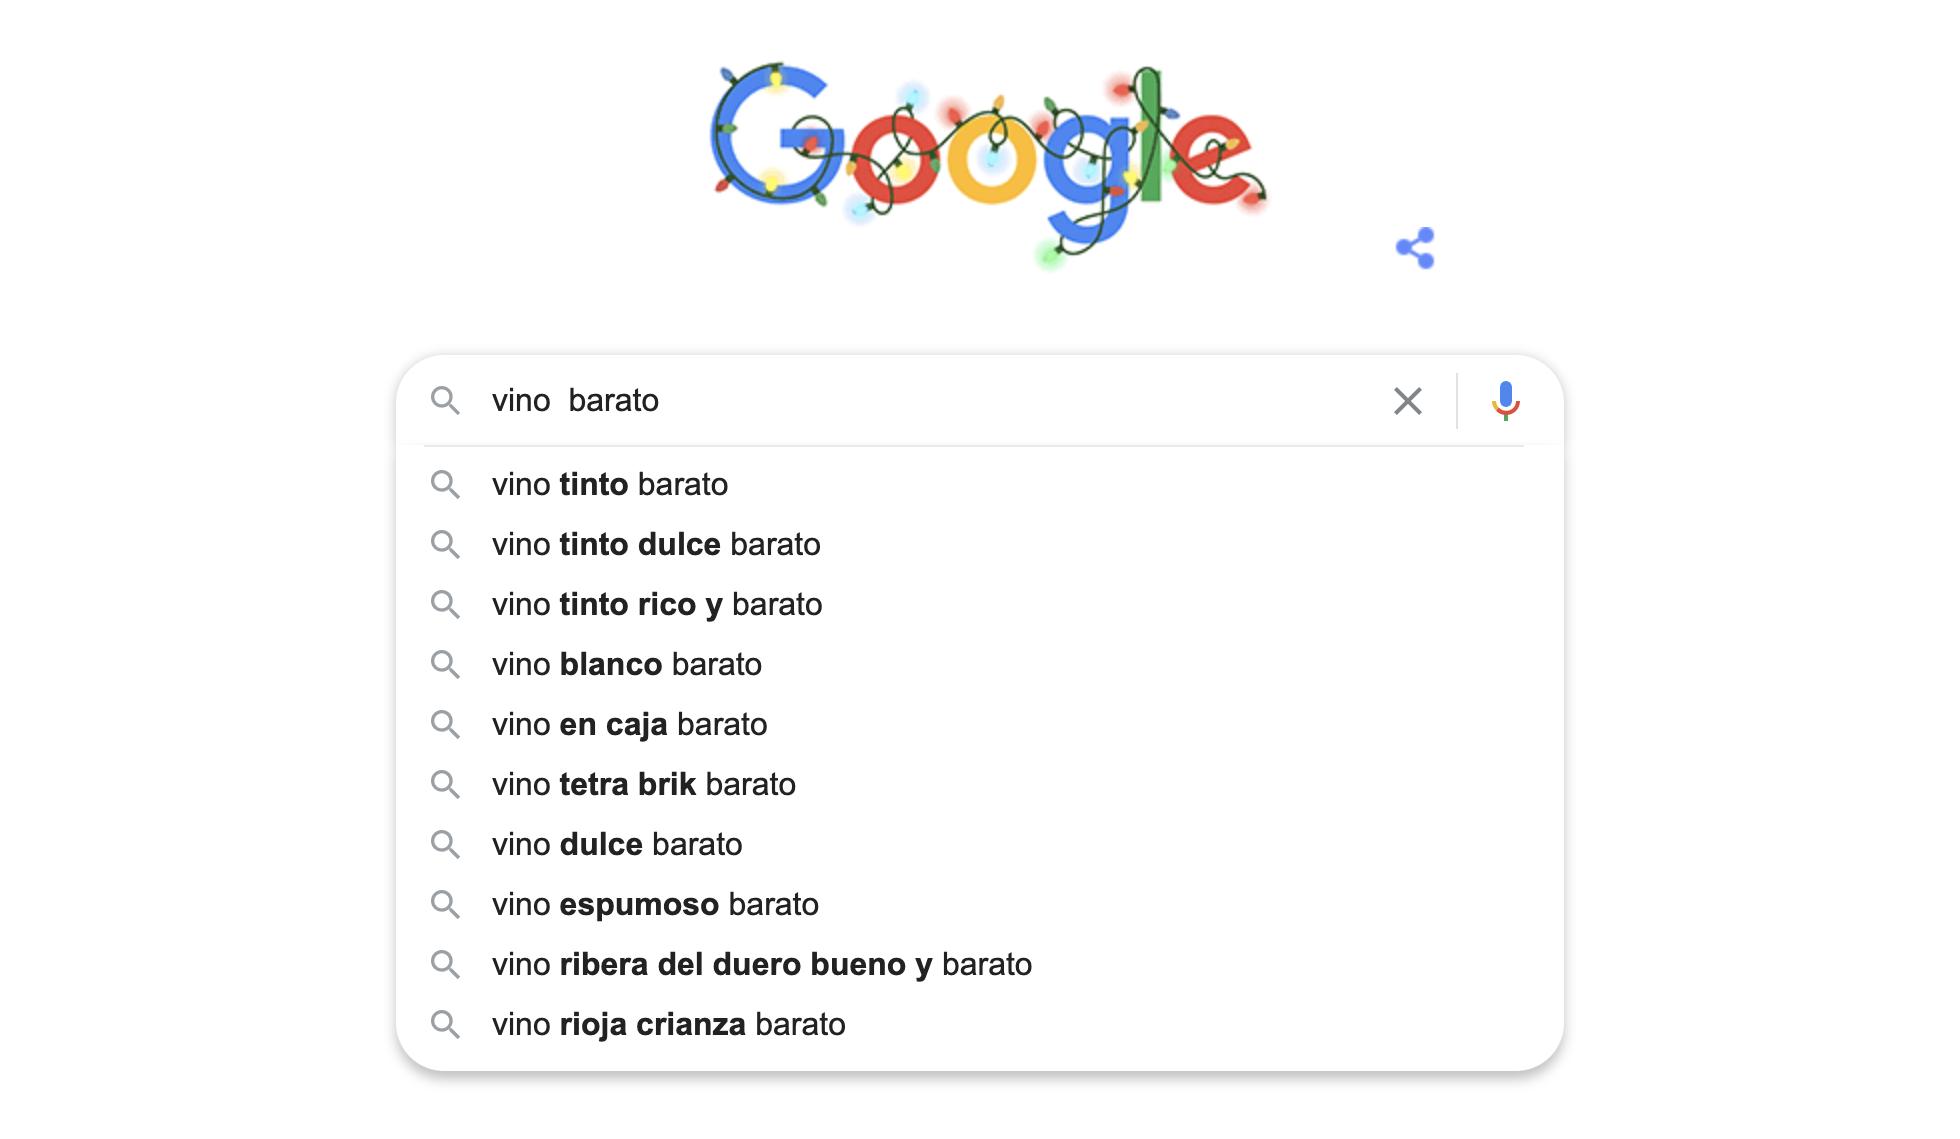 Coloca el cursor de tu ratón entre dos palabras y presiona la barra espaciadora (space), de esta forma, Google Suggest llena esta área con las palabras clave frecuentemente buscadas